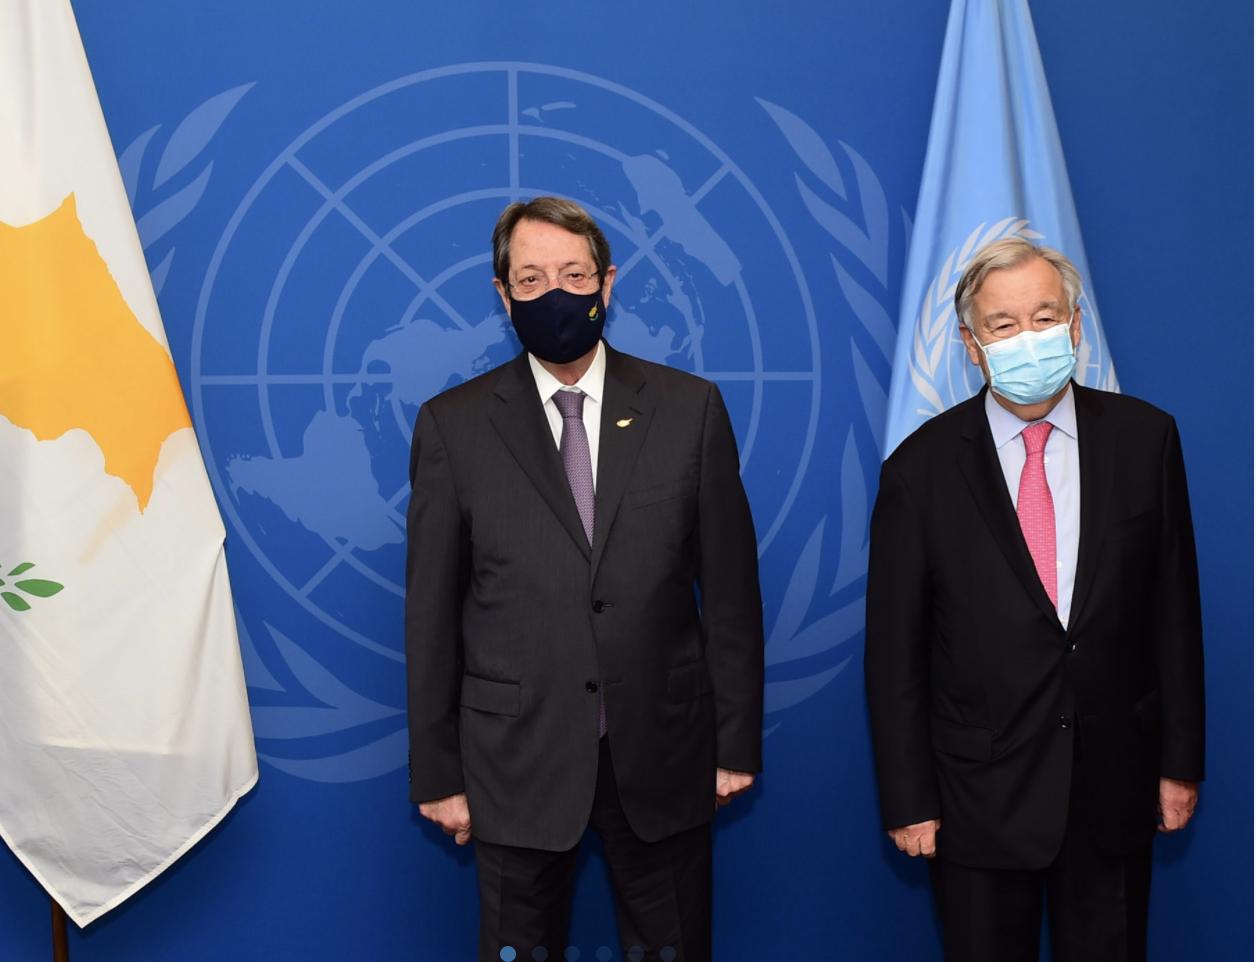 Κύπρος: Συναντήθηκε ο Αναστασιάδης με τον ΓΓ των ΗΕ